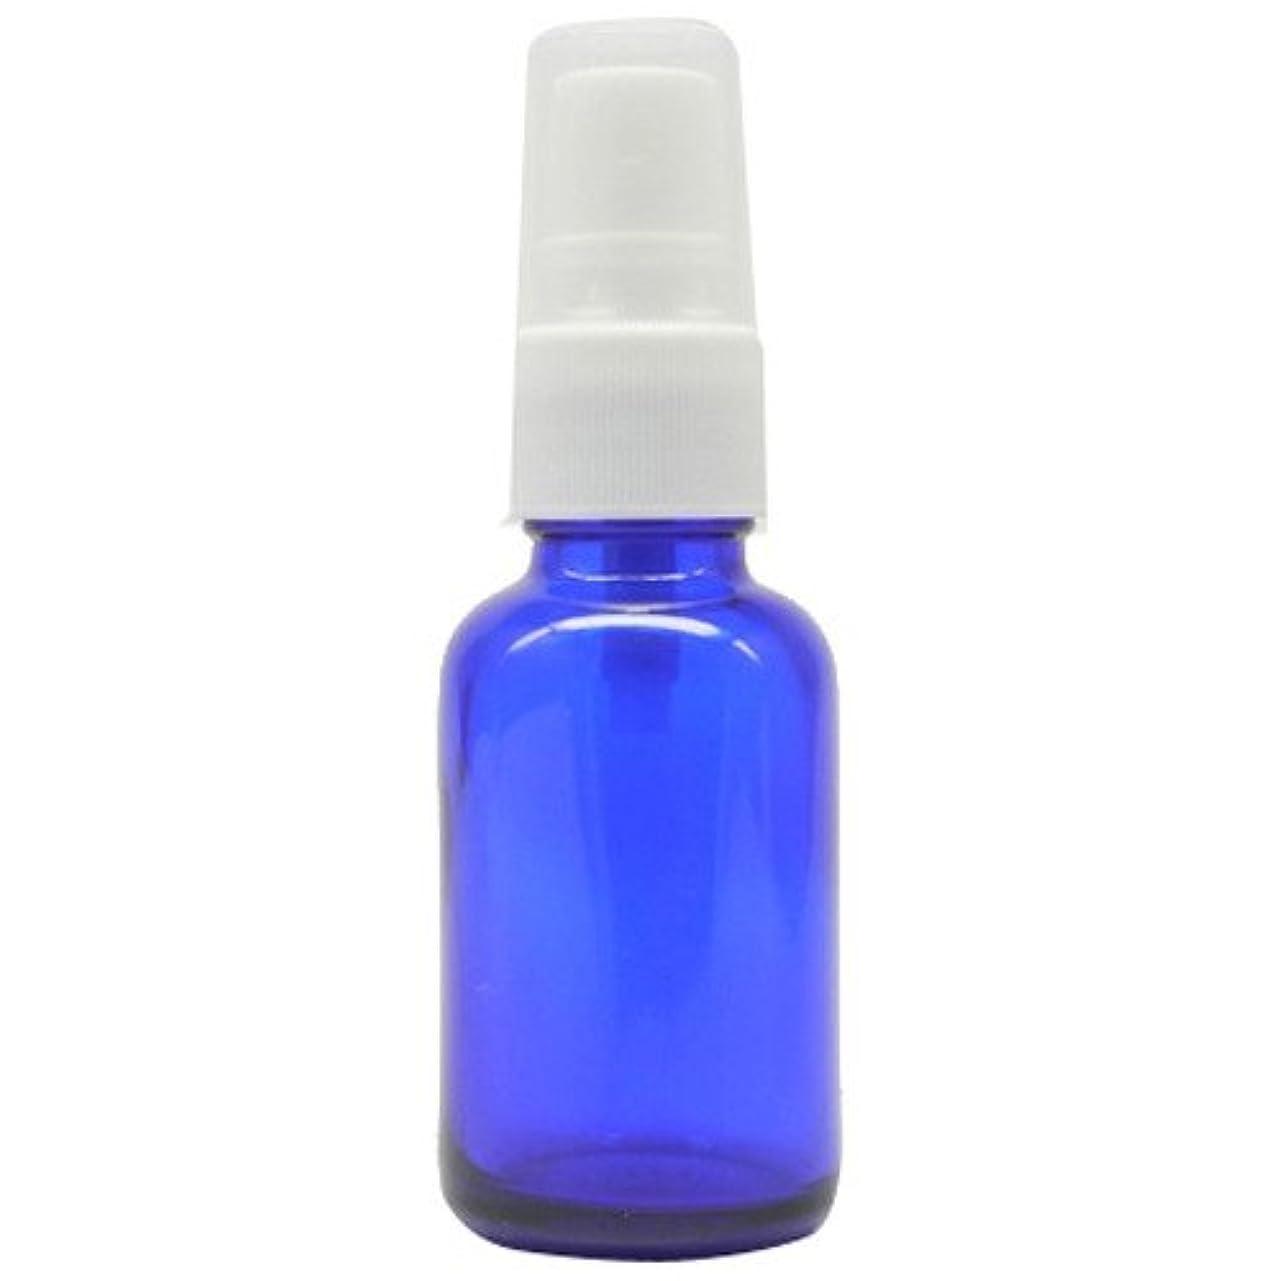 認証イデオロギーアナログアロマアンドライフ (D)ブルースプレー瓶30ml 3本セット